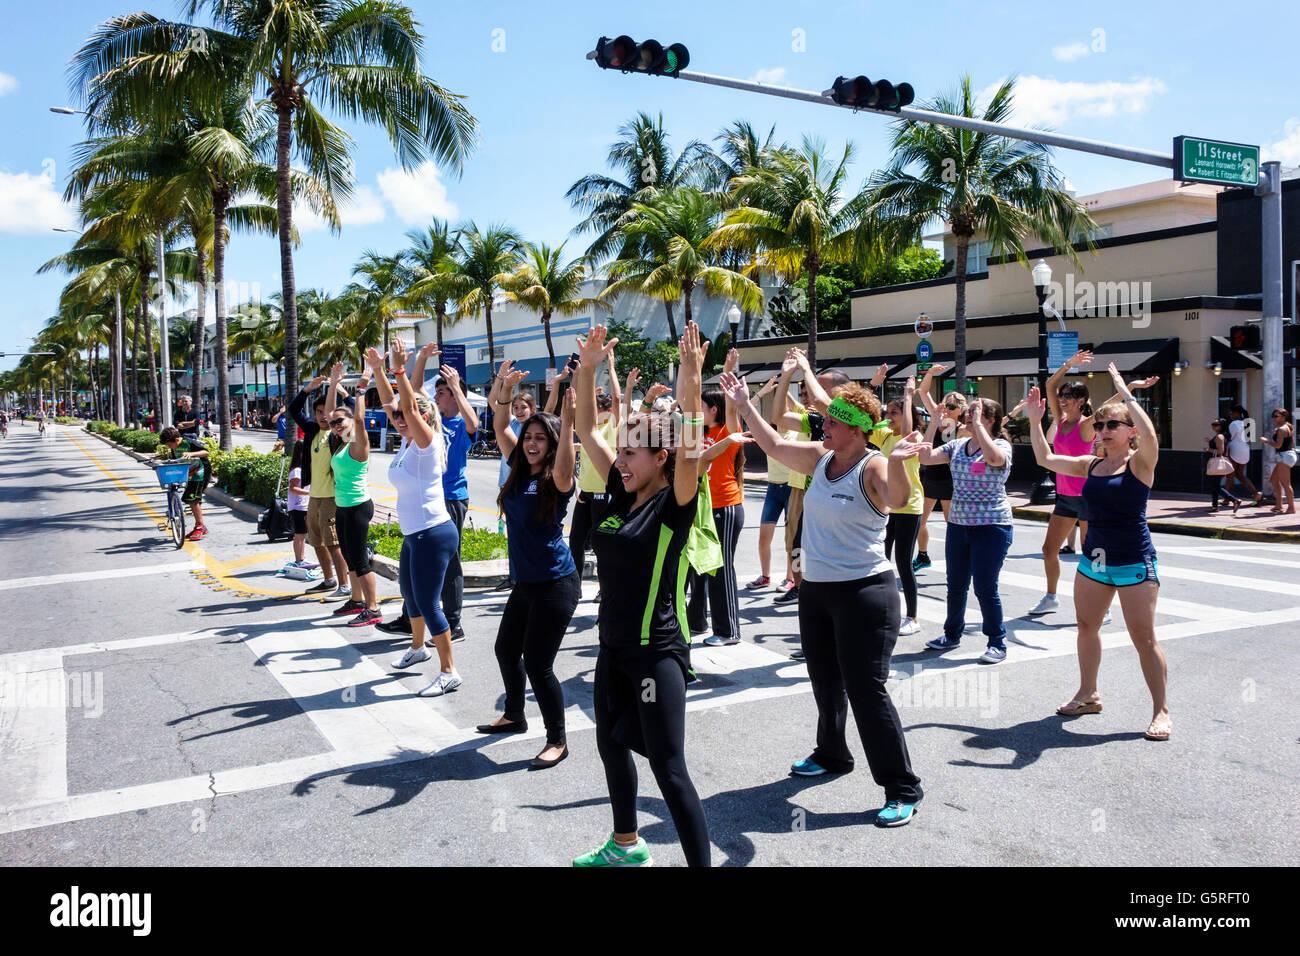 Florida Miami Beach Washington Avenue Bike mese evento Ciclovia strada chiusa biciclette traffico solo esercizio Immagini Stock